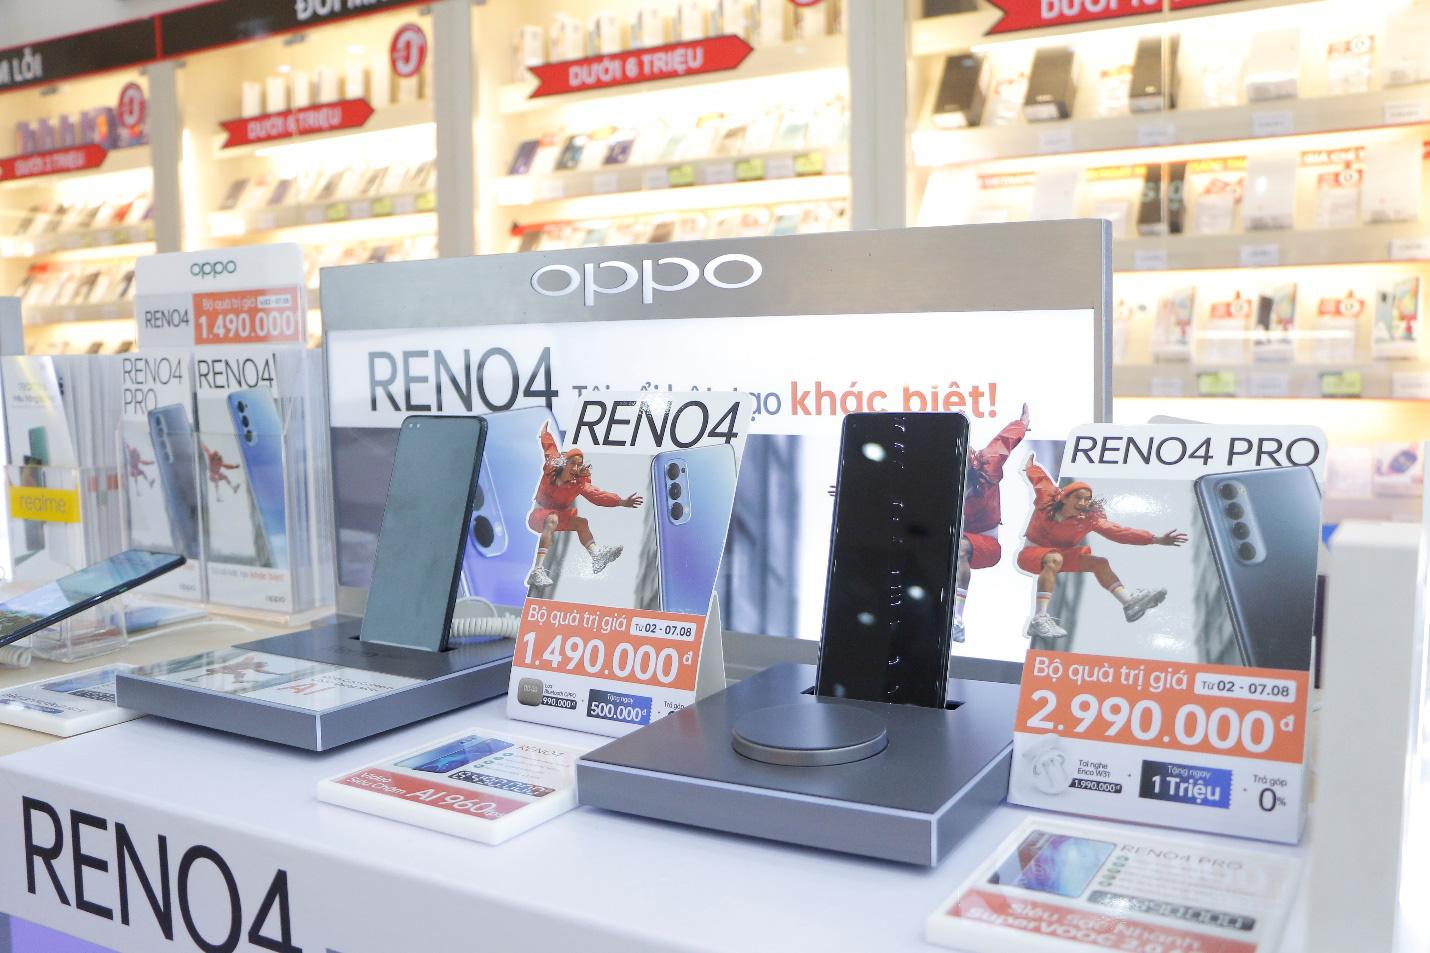 OPPO Reno4 Series chính thức lên kệ FPT Shop với ưu đãi trả góp 0% lãi suất - Ảnh 2.